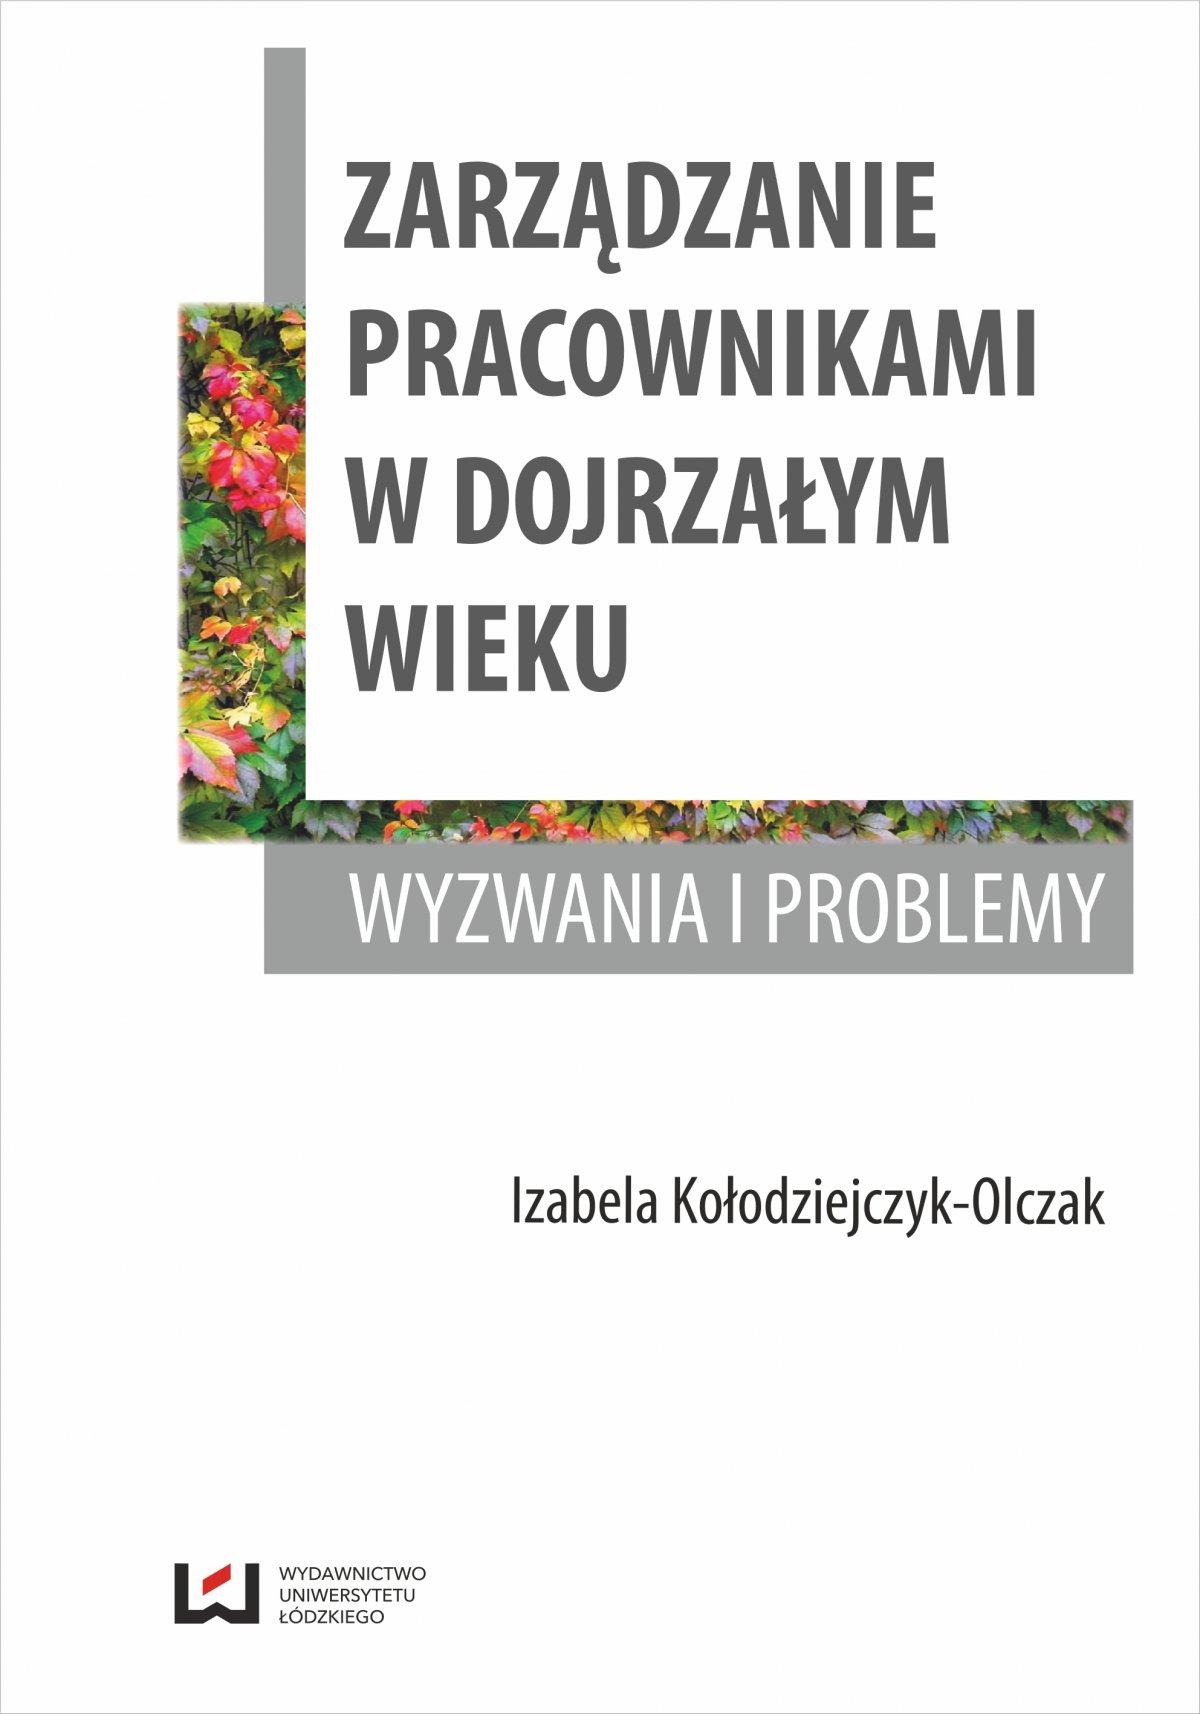 Zarządzanie pracownikami w dojrzałym wieku. Wyzwania i problemy - Ebook (Książka PDF) do pobrania w formacie PDF